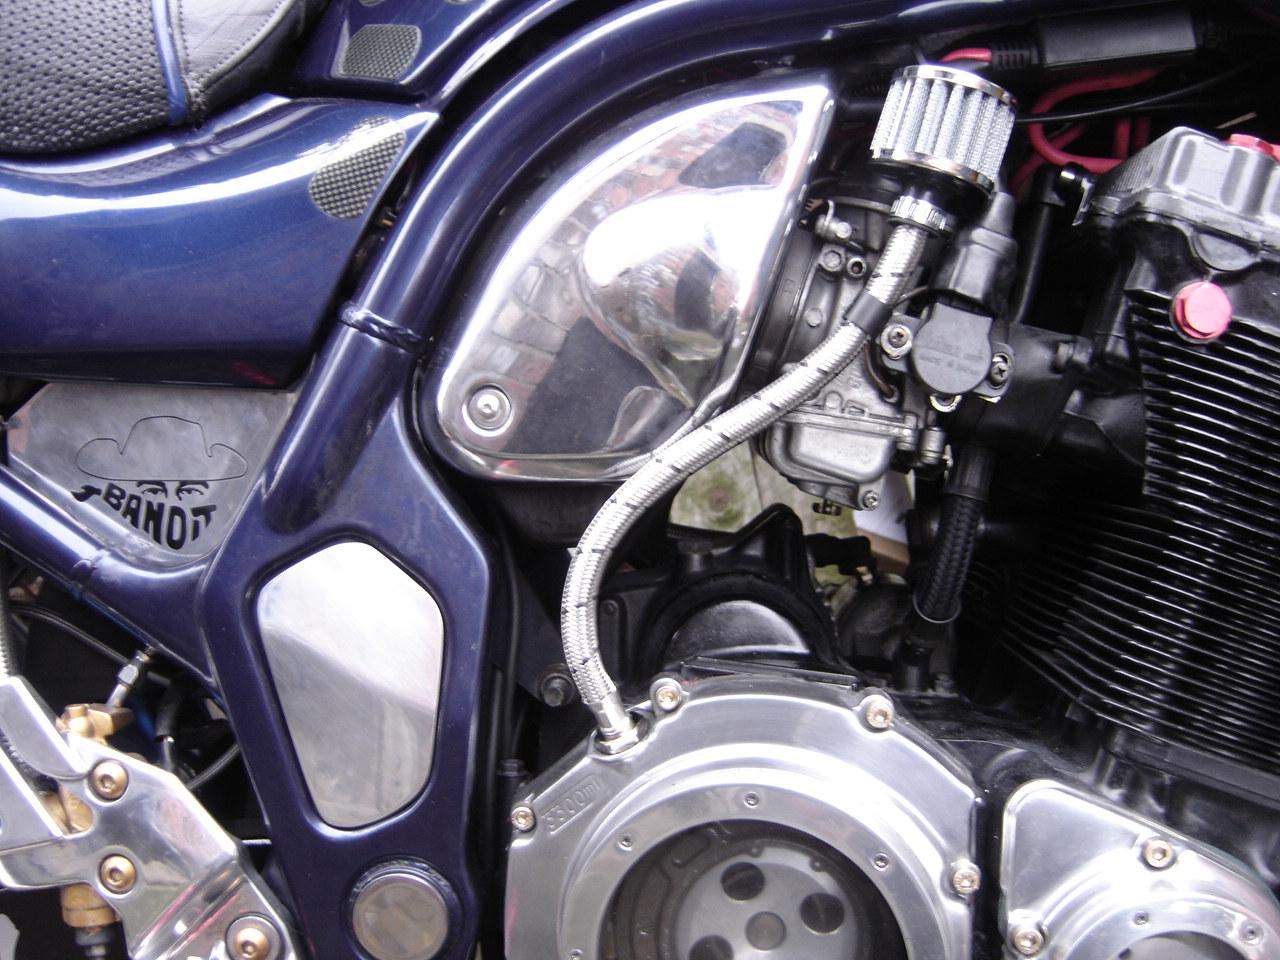 Suzuki Bandit Oil Filter